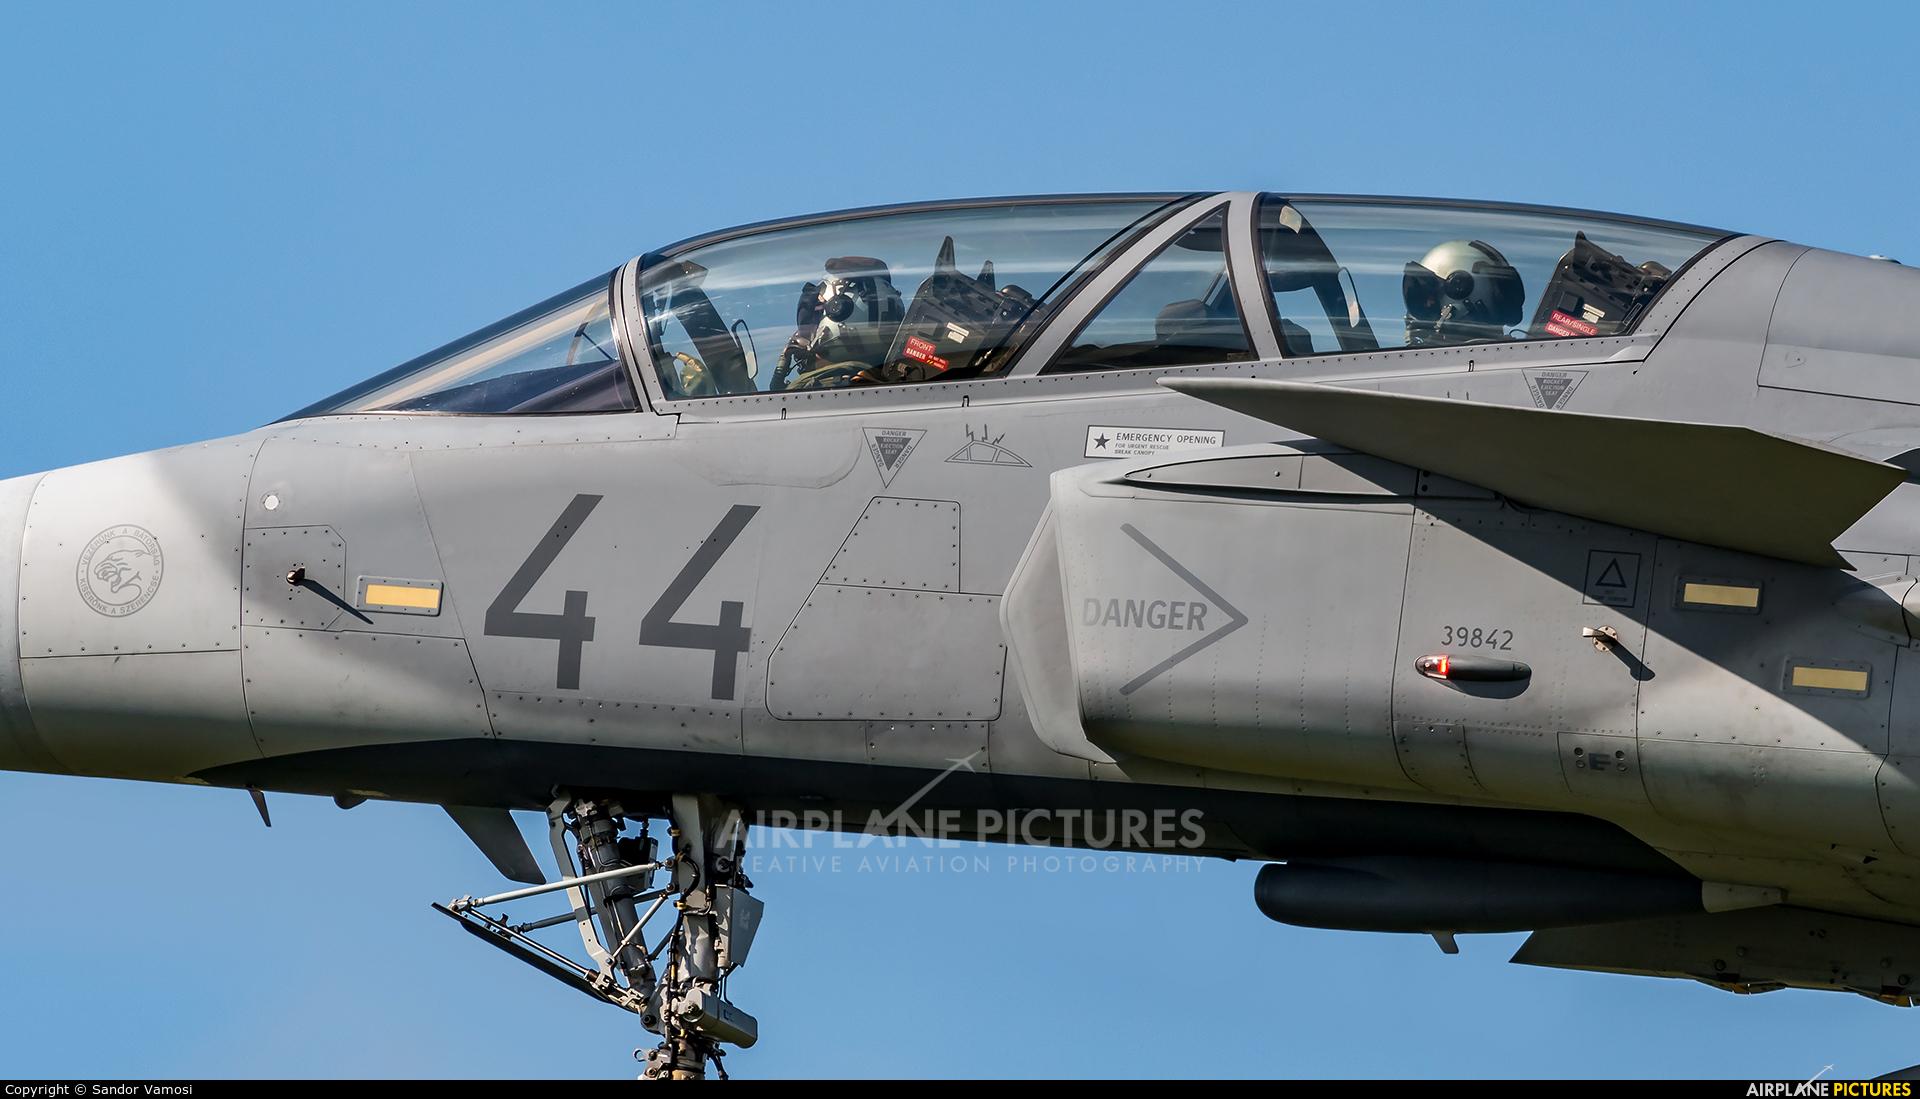 Hungary - Air Force 44 aircraft at Kecskemét